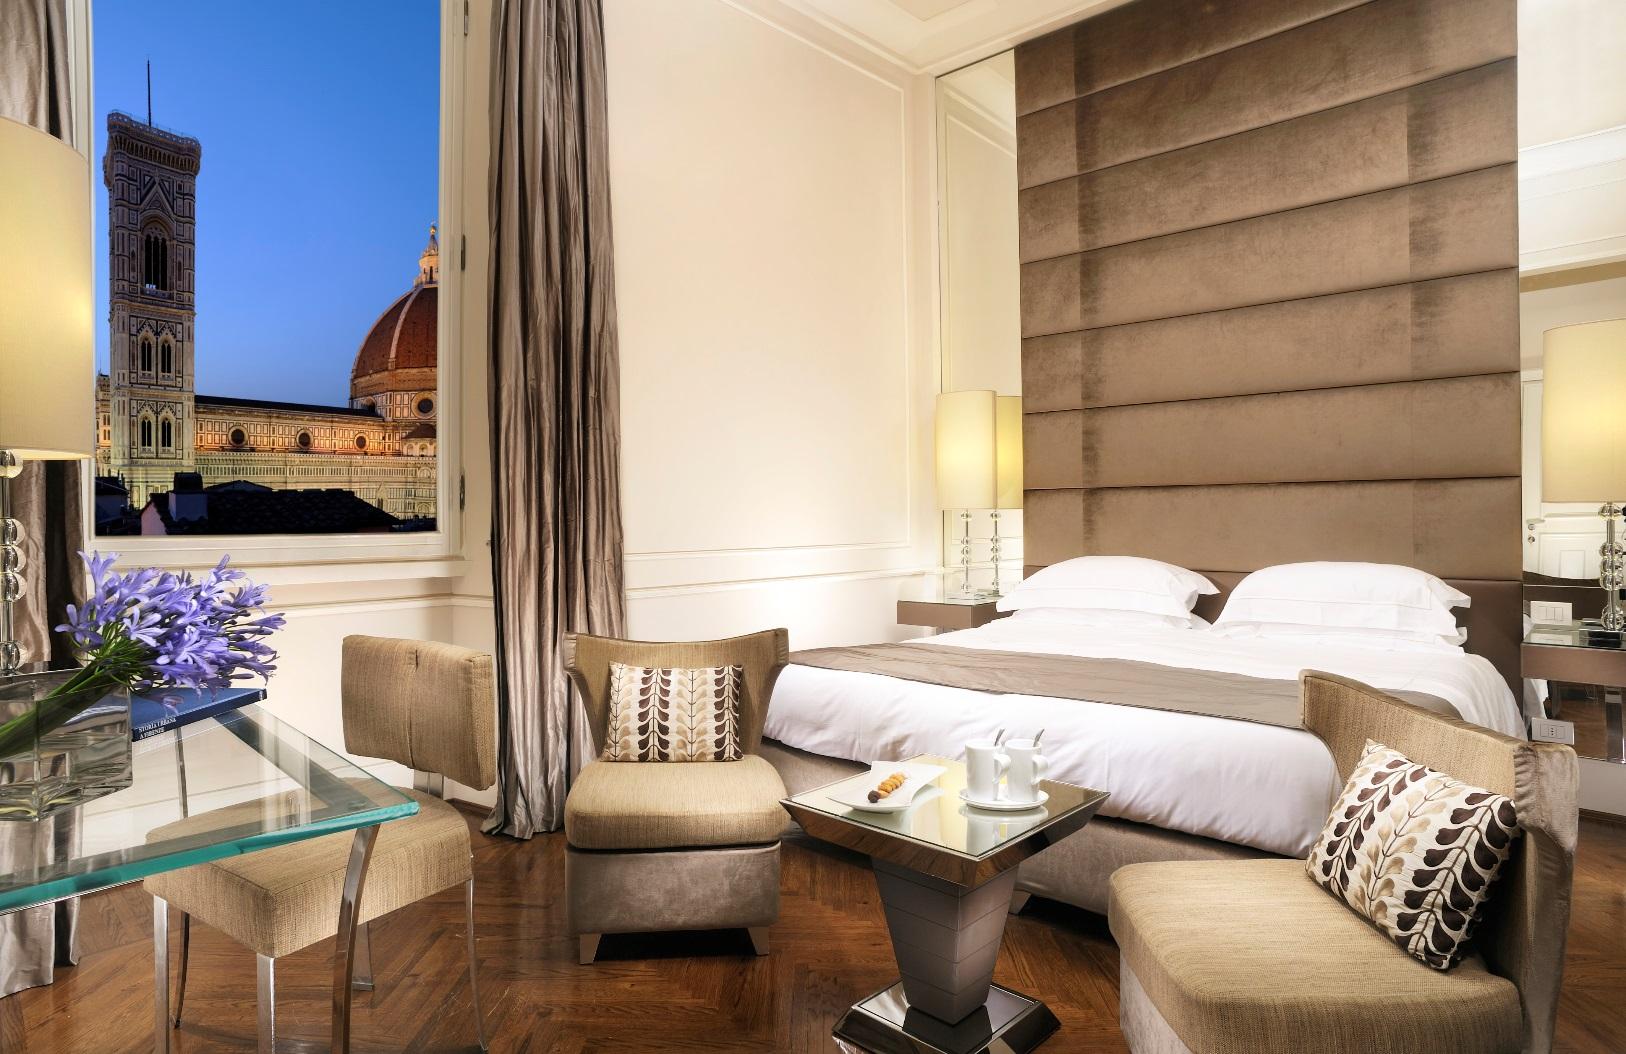 Firenze Hotel Delle Nazioni